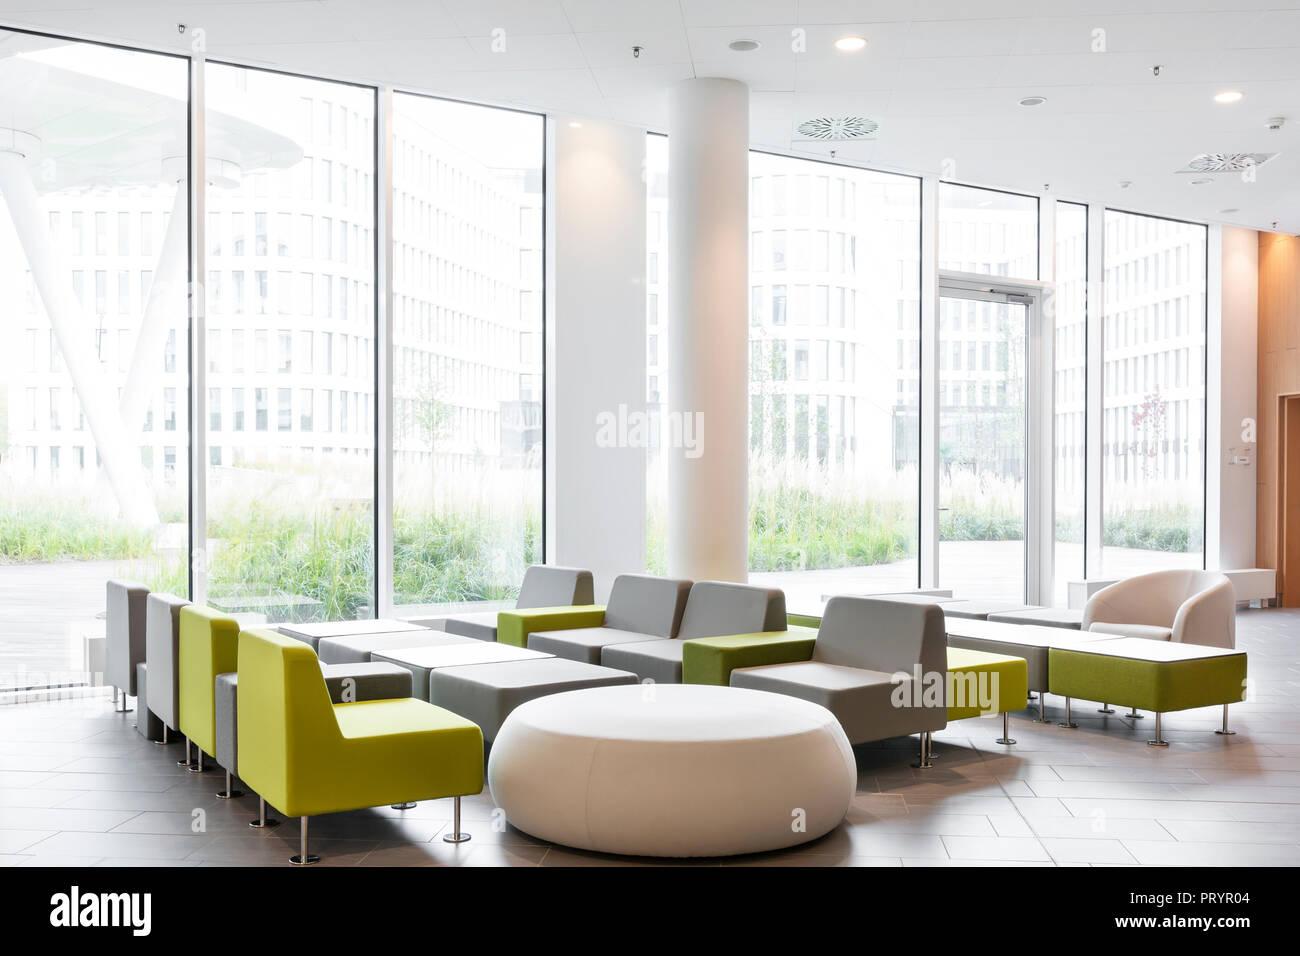 Polonia - Varsavia, mobili per sedersi sedia girevole a lounge dell'hotel Immagini Stock